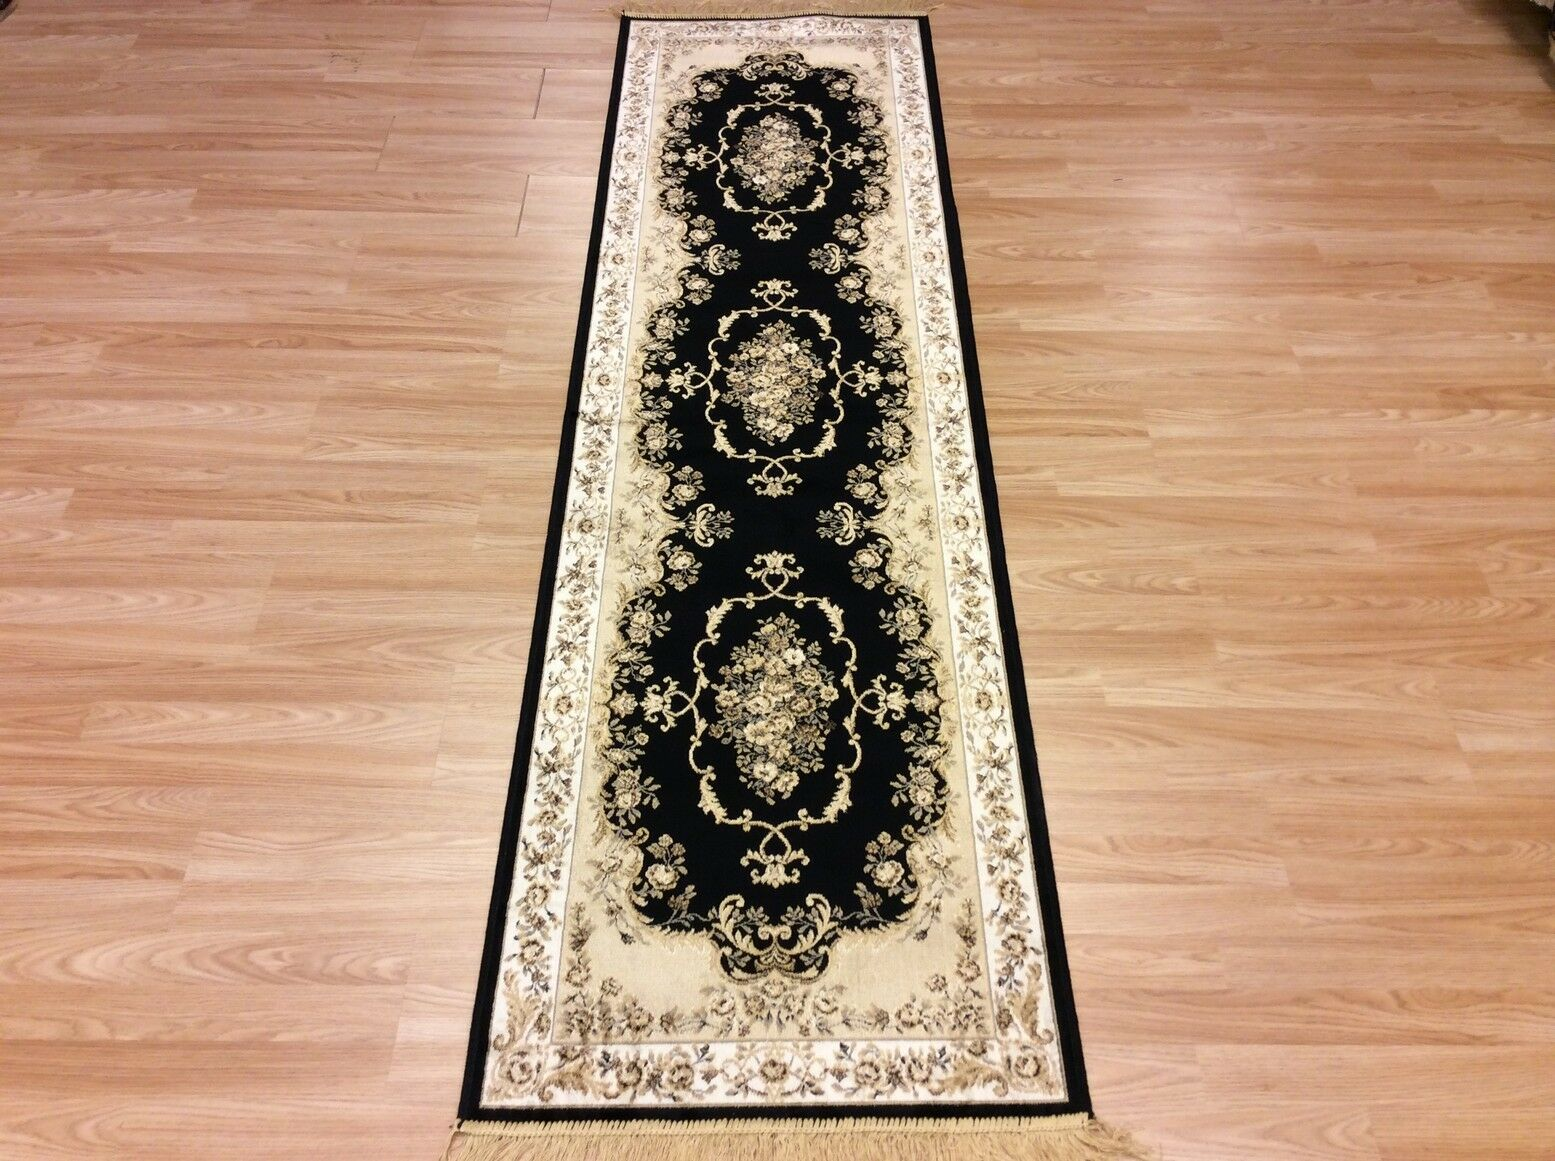 Seda Negra como el diseño tradicional persa Alfombra de de Alfombra cor rojo or Lavable 67x240cm -50% De Descuento aaf05b